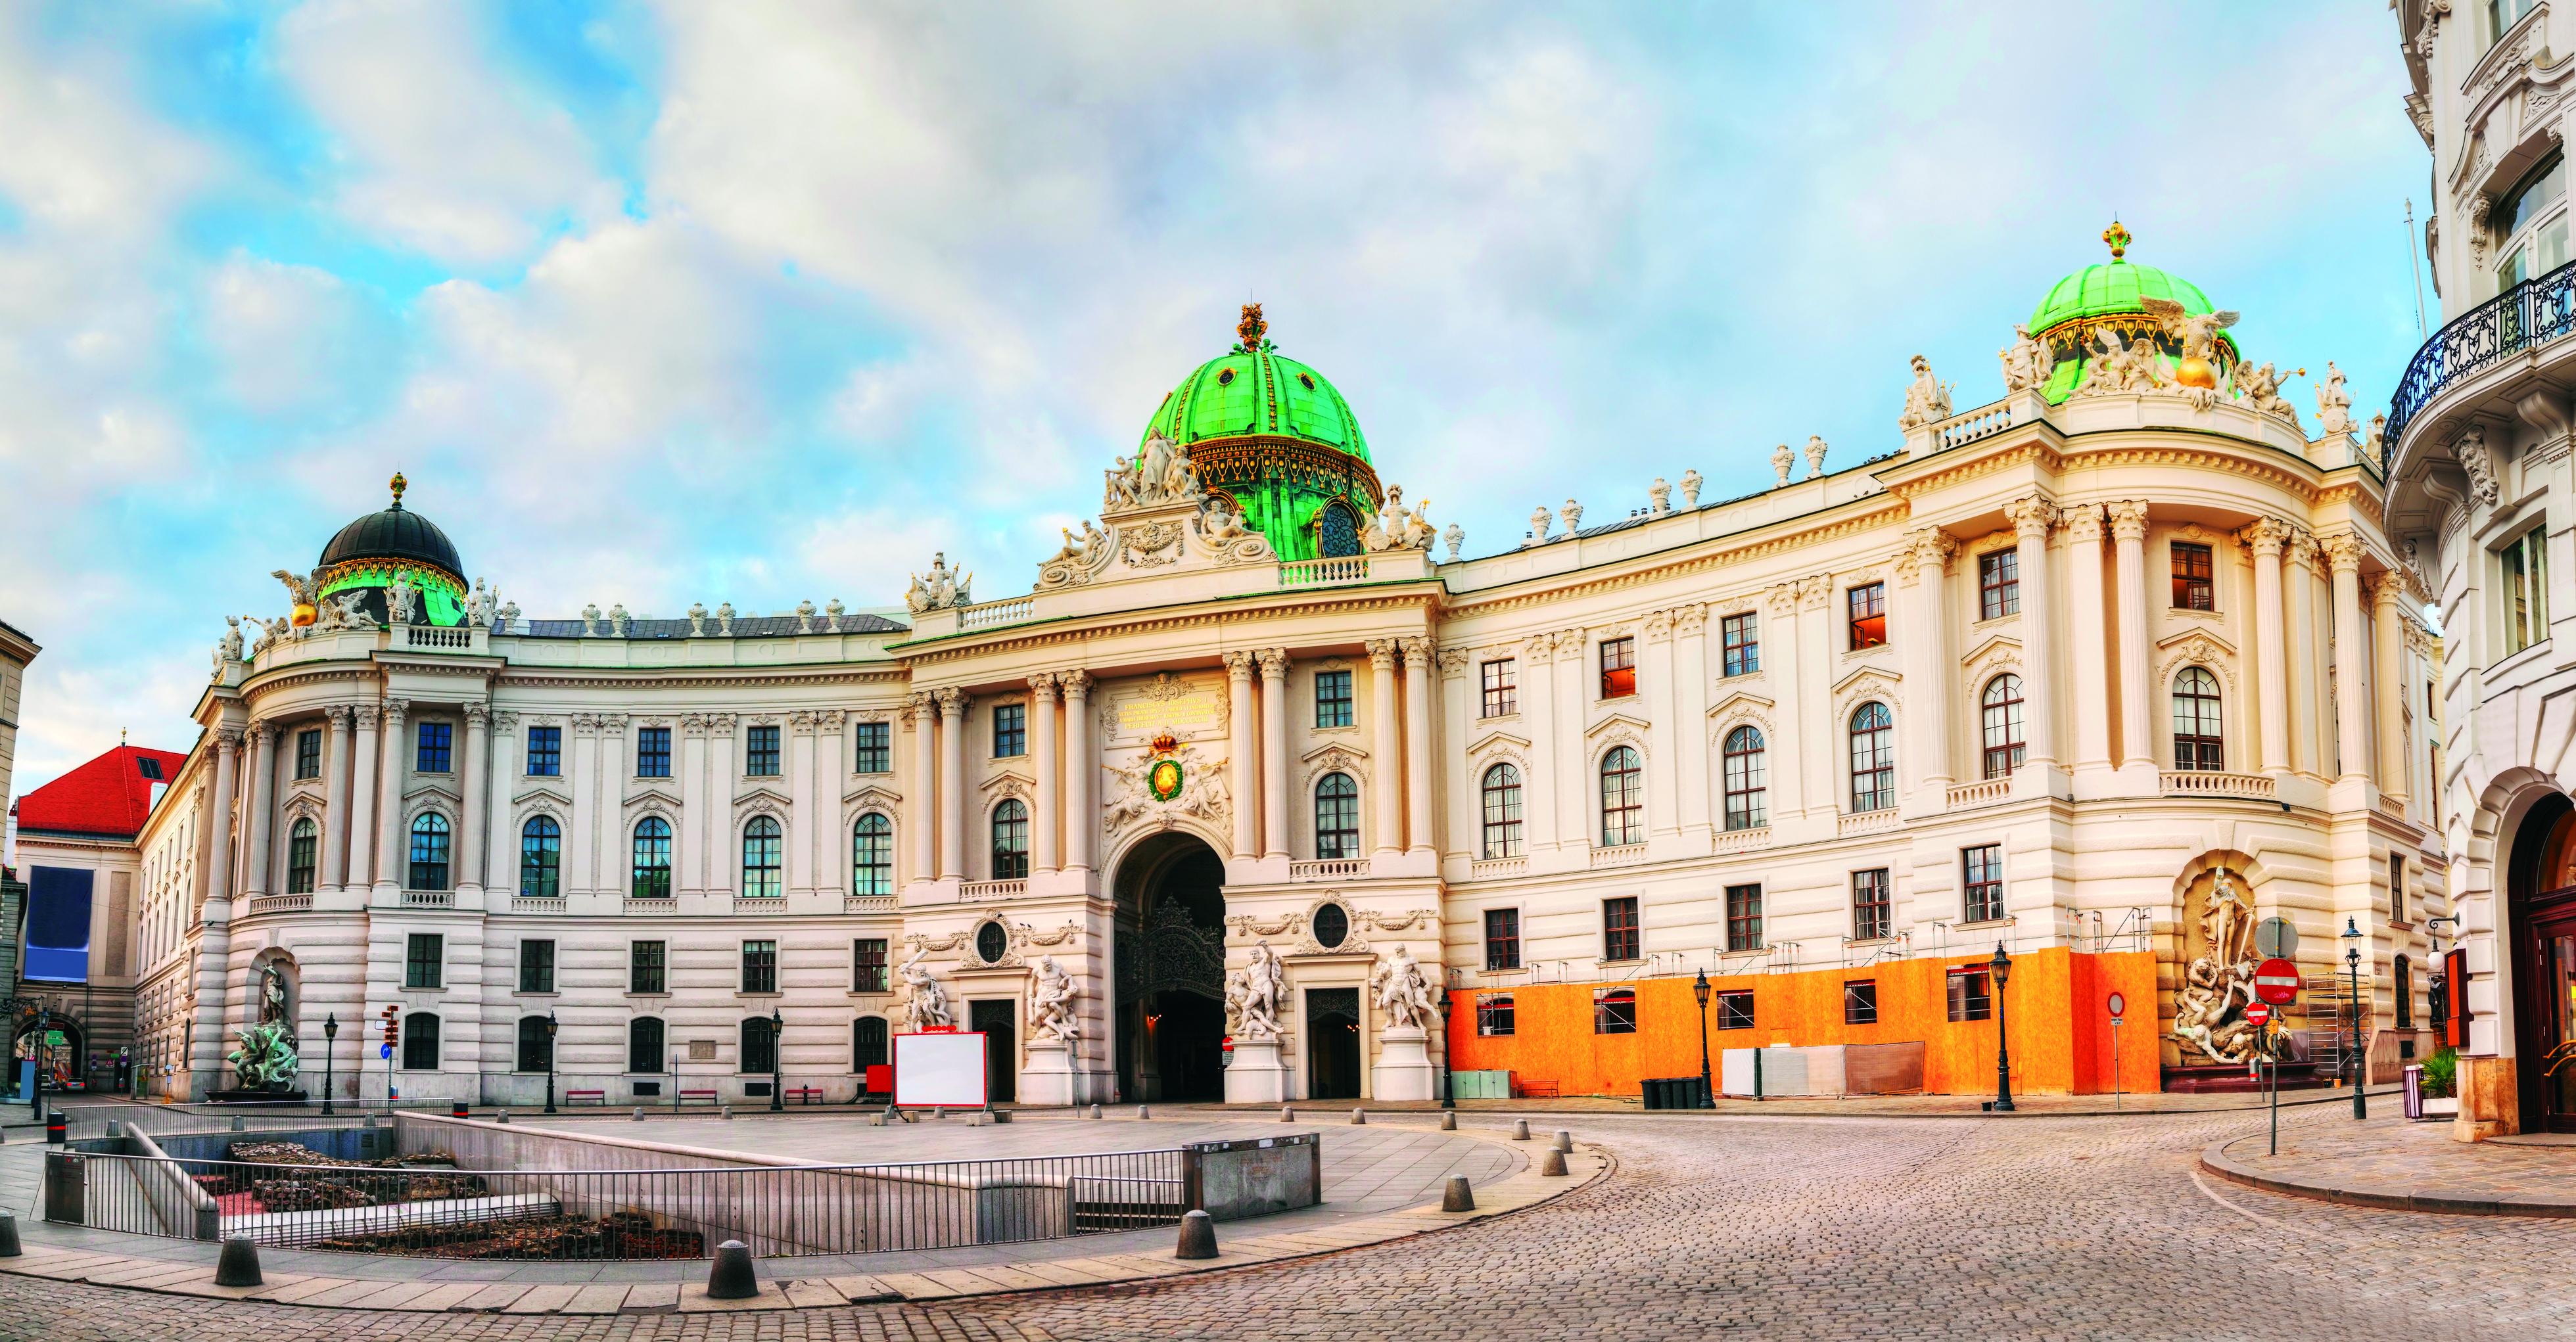 Ofertas de Hotel y Vuelo a República Checa desde Montevideo